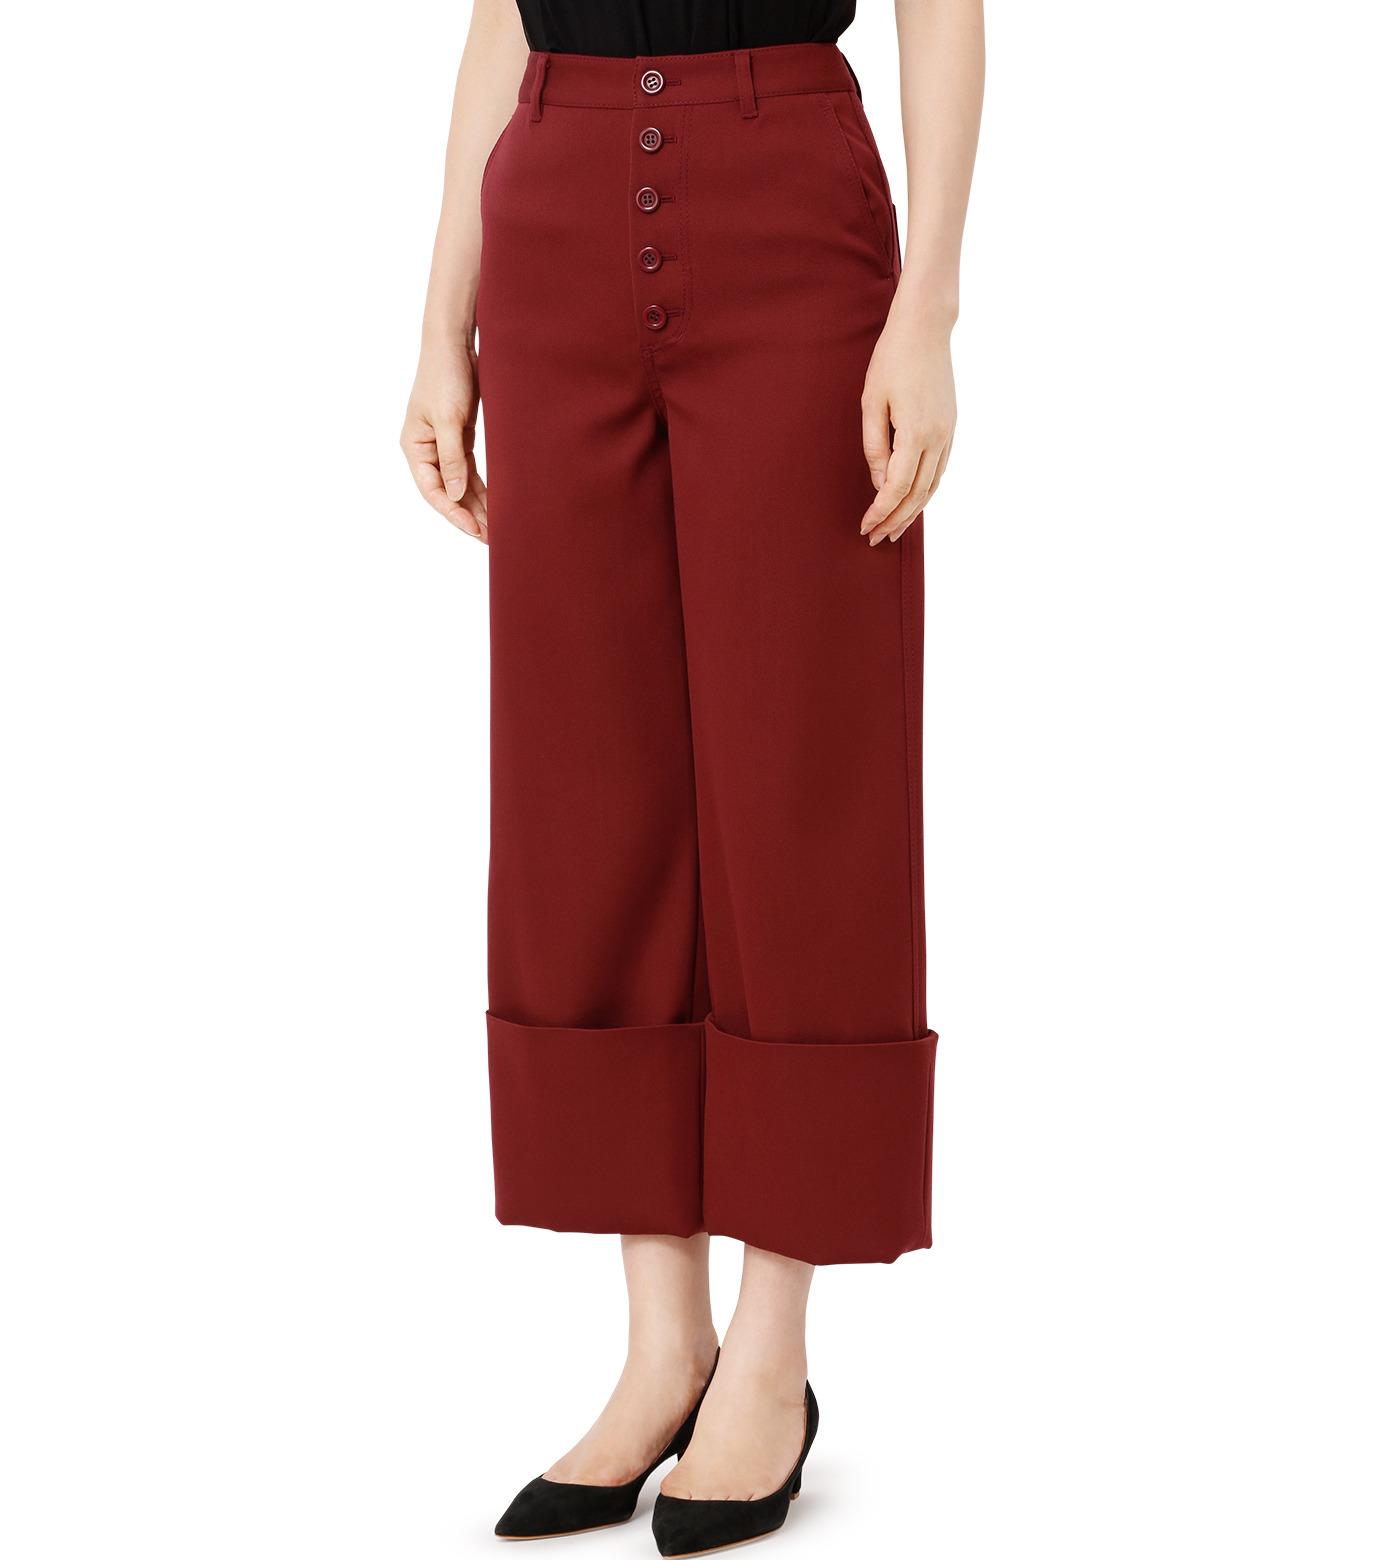 LE CIEL BLEU(ルシェルブルー)のWクローズフォールドバックパンツ-BORDEAUX(パンツ/pants)-18A68302 拡大詳細画像1